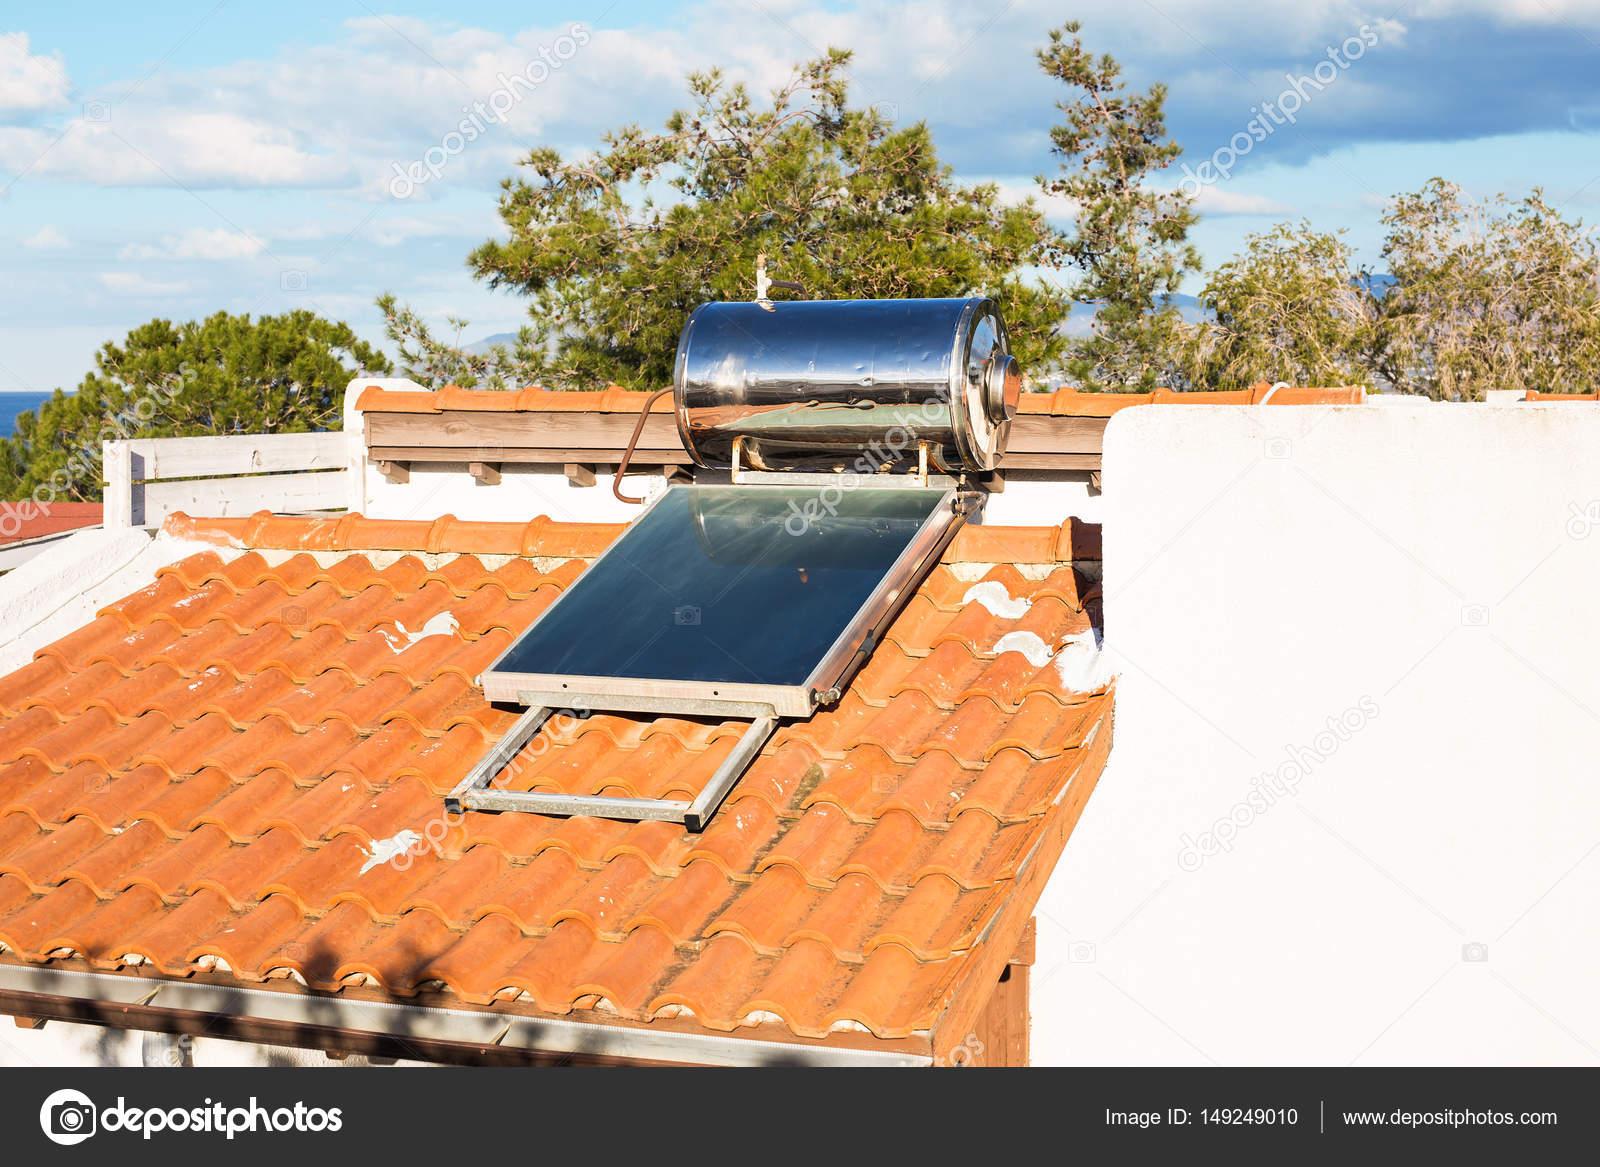 Zeitgenössische Warmwasser Panels Für Ein Haus U2014 Stockfoto